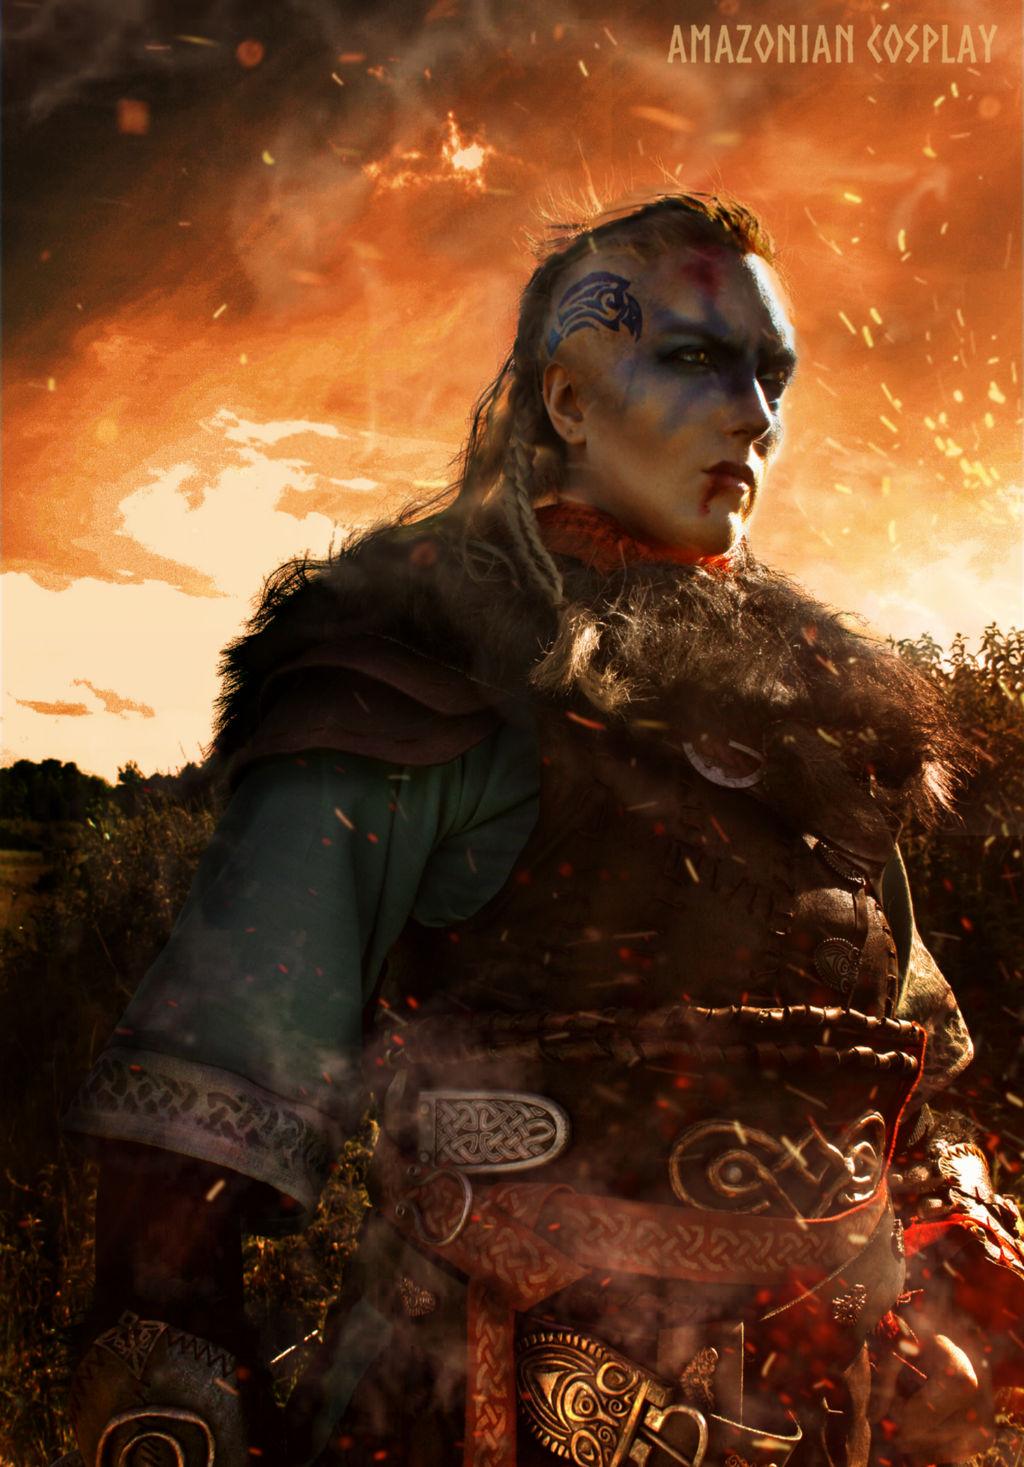 Eivor Cosplay Assassins Creed Valhalla Photo 3 By Megabethbob On Deviantart